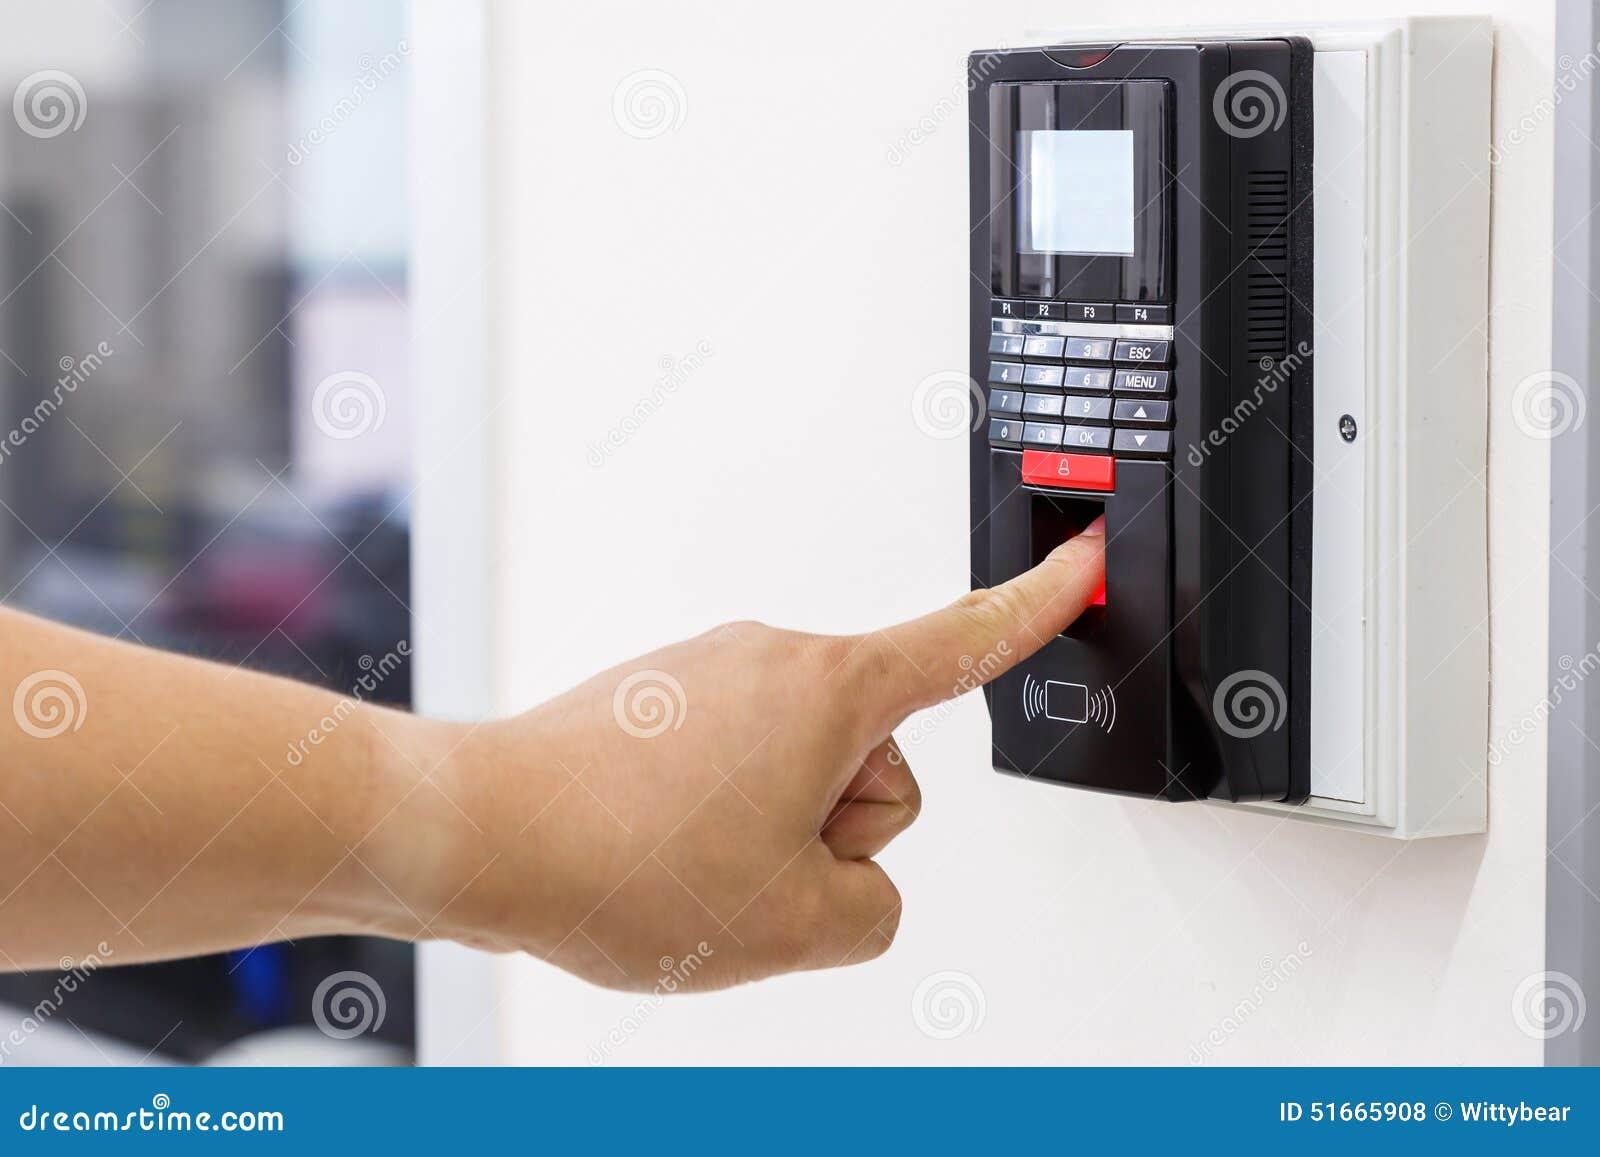 Fingerscan für Sicherheitssystem